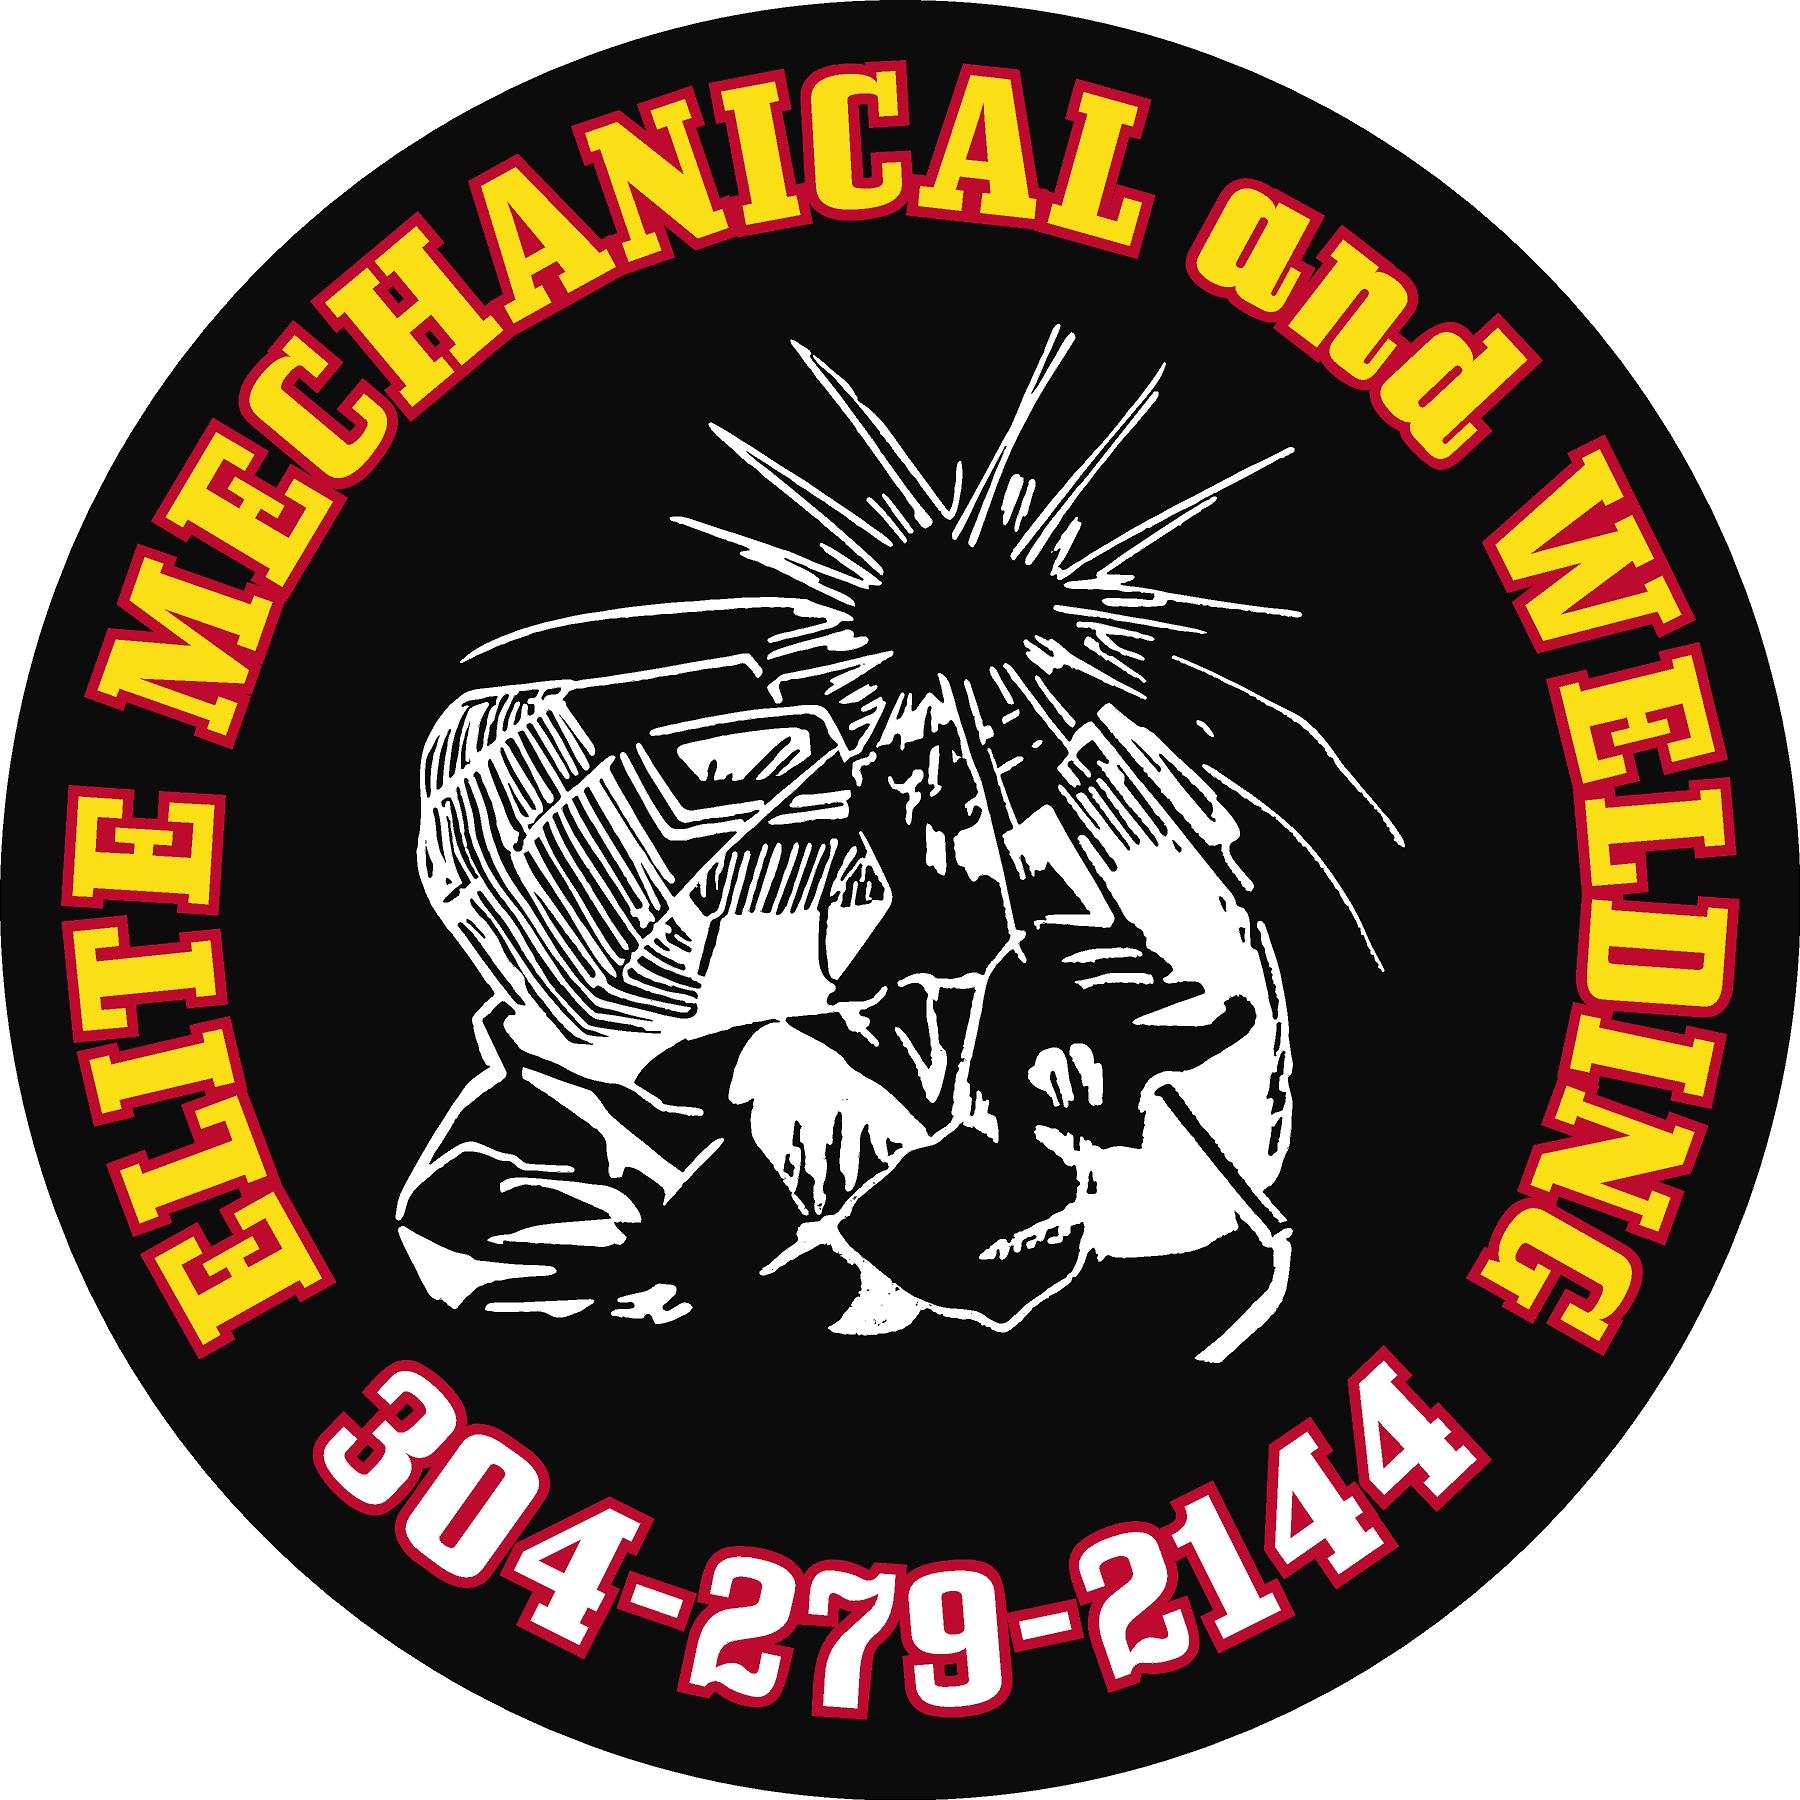 Elite Mechanical and Welding, LLC - Hedgesville, WV - Metal Welding